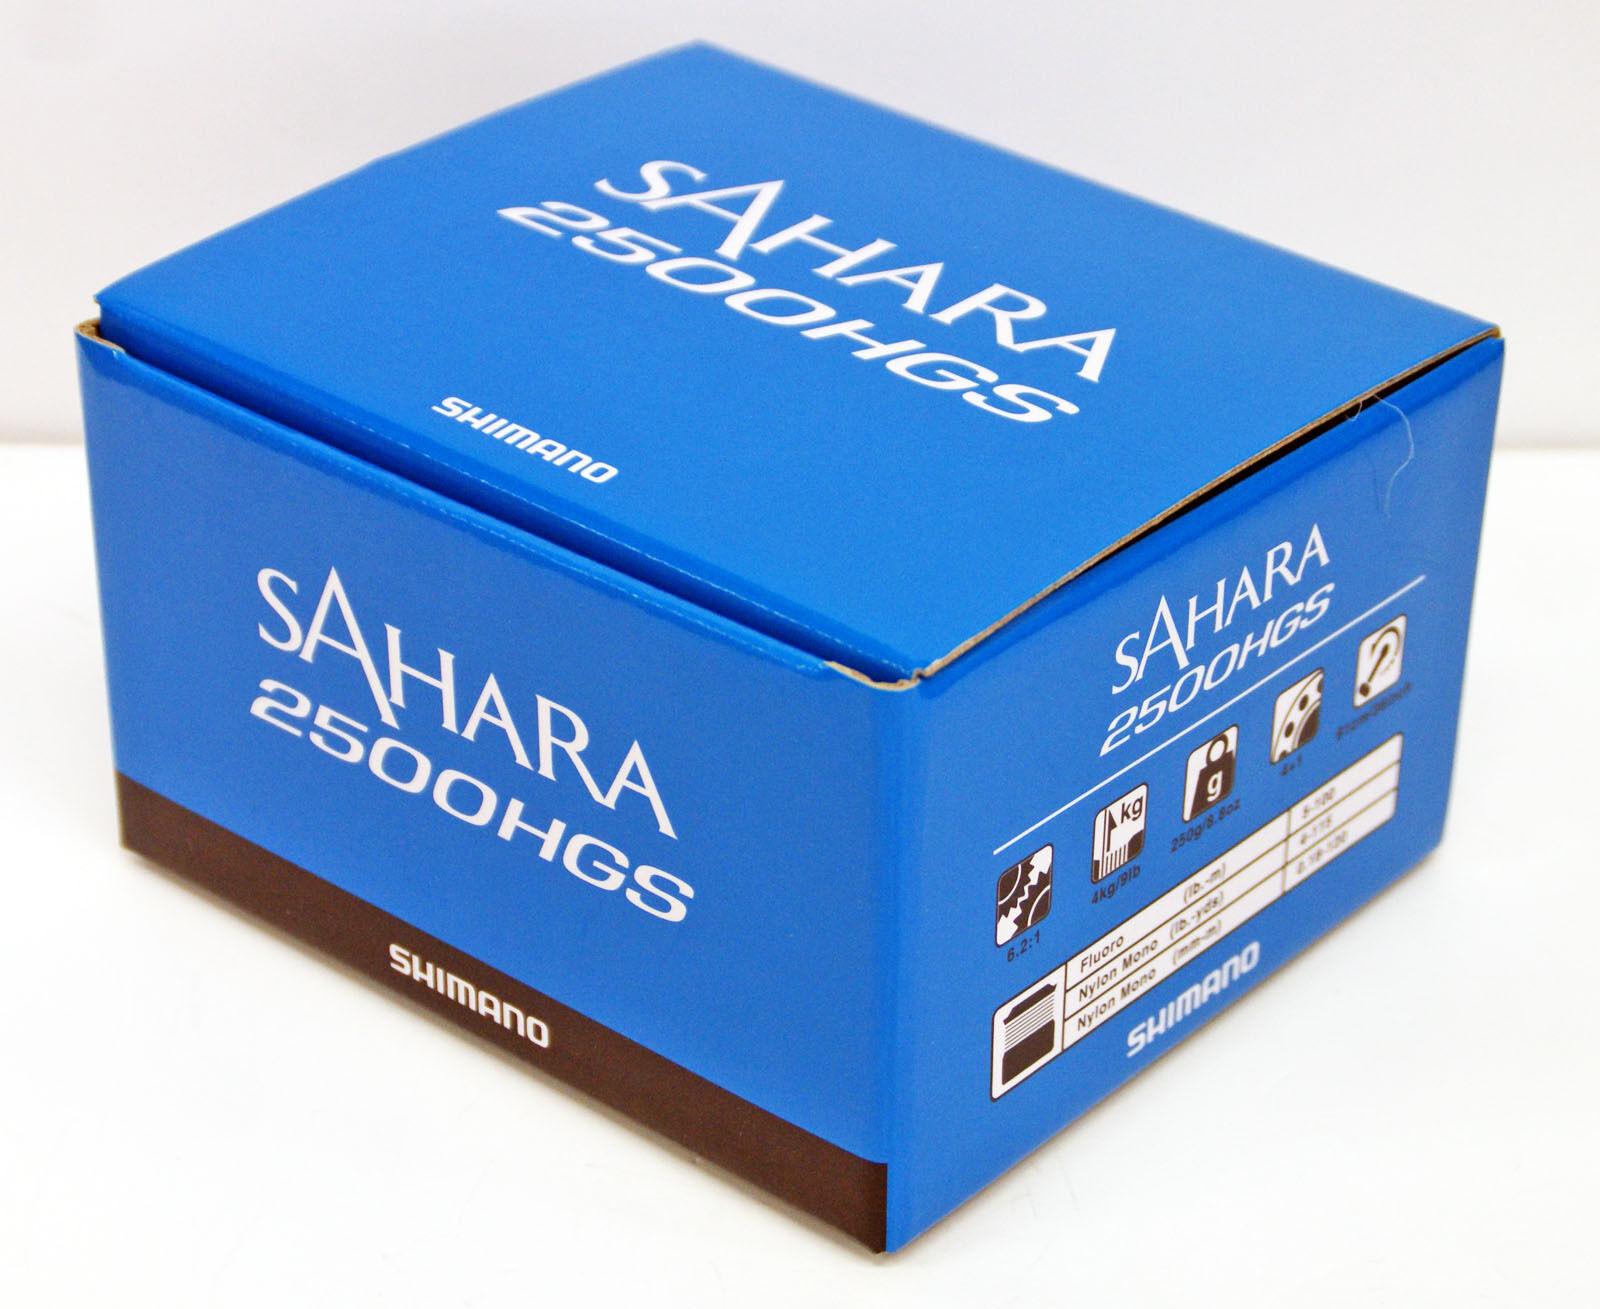 Shimano 17 Sahara 2500HGS Spinning Reel 4969363036278